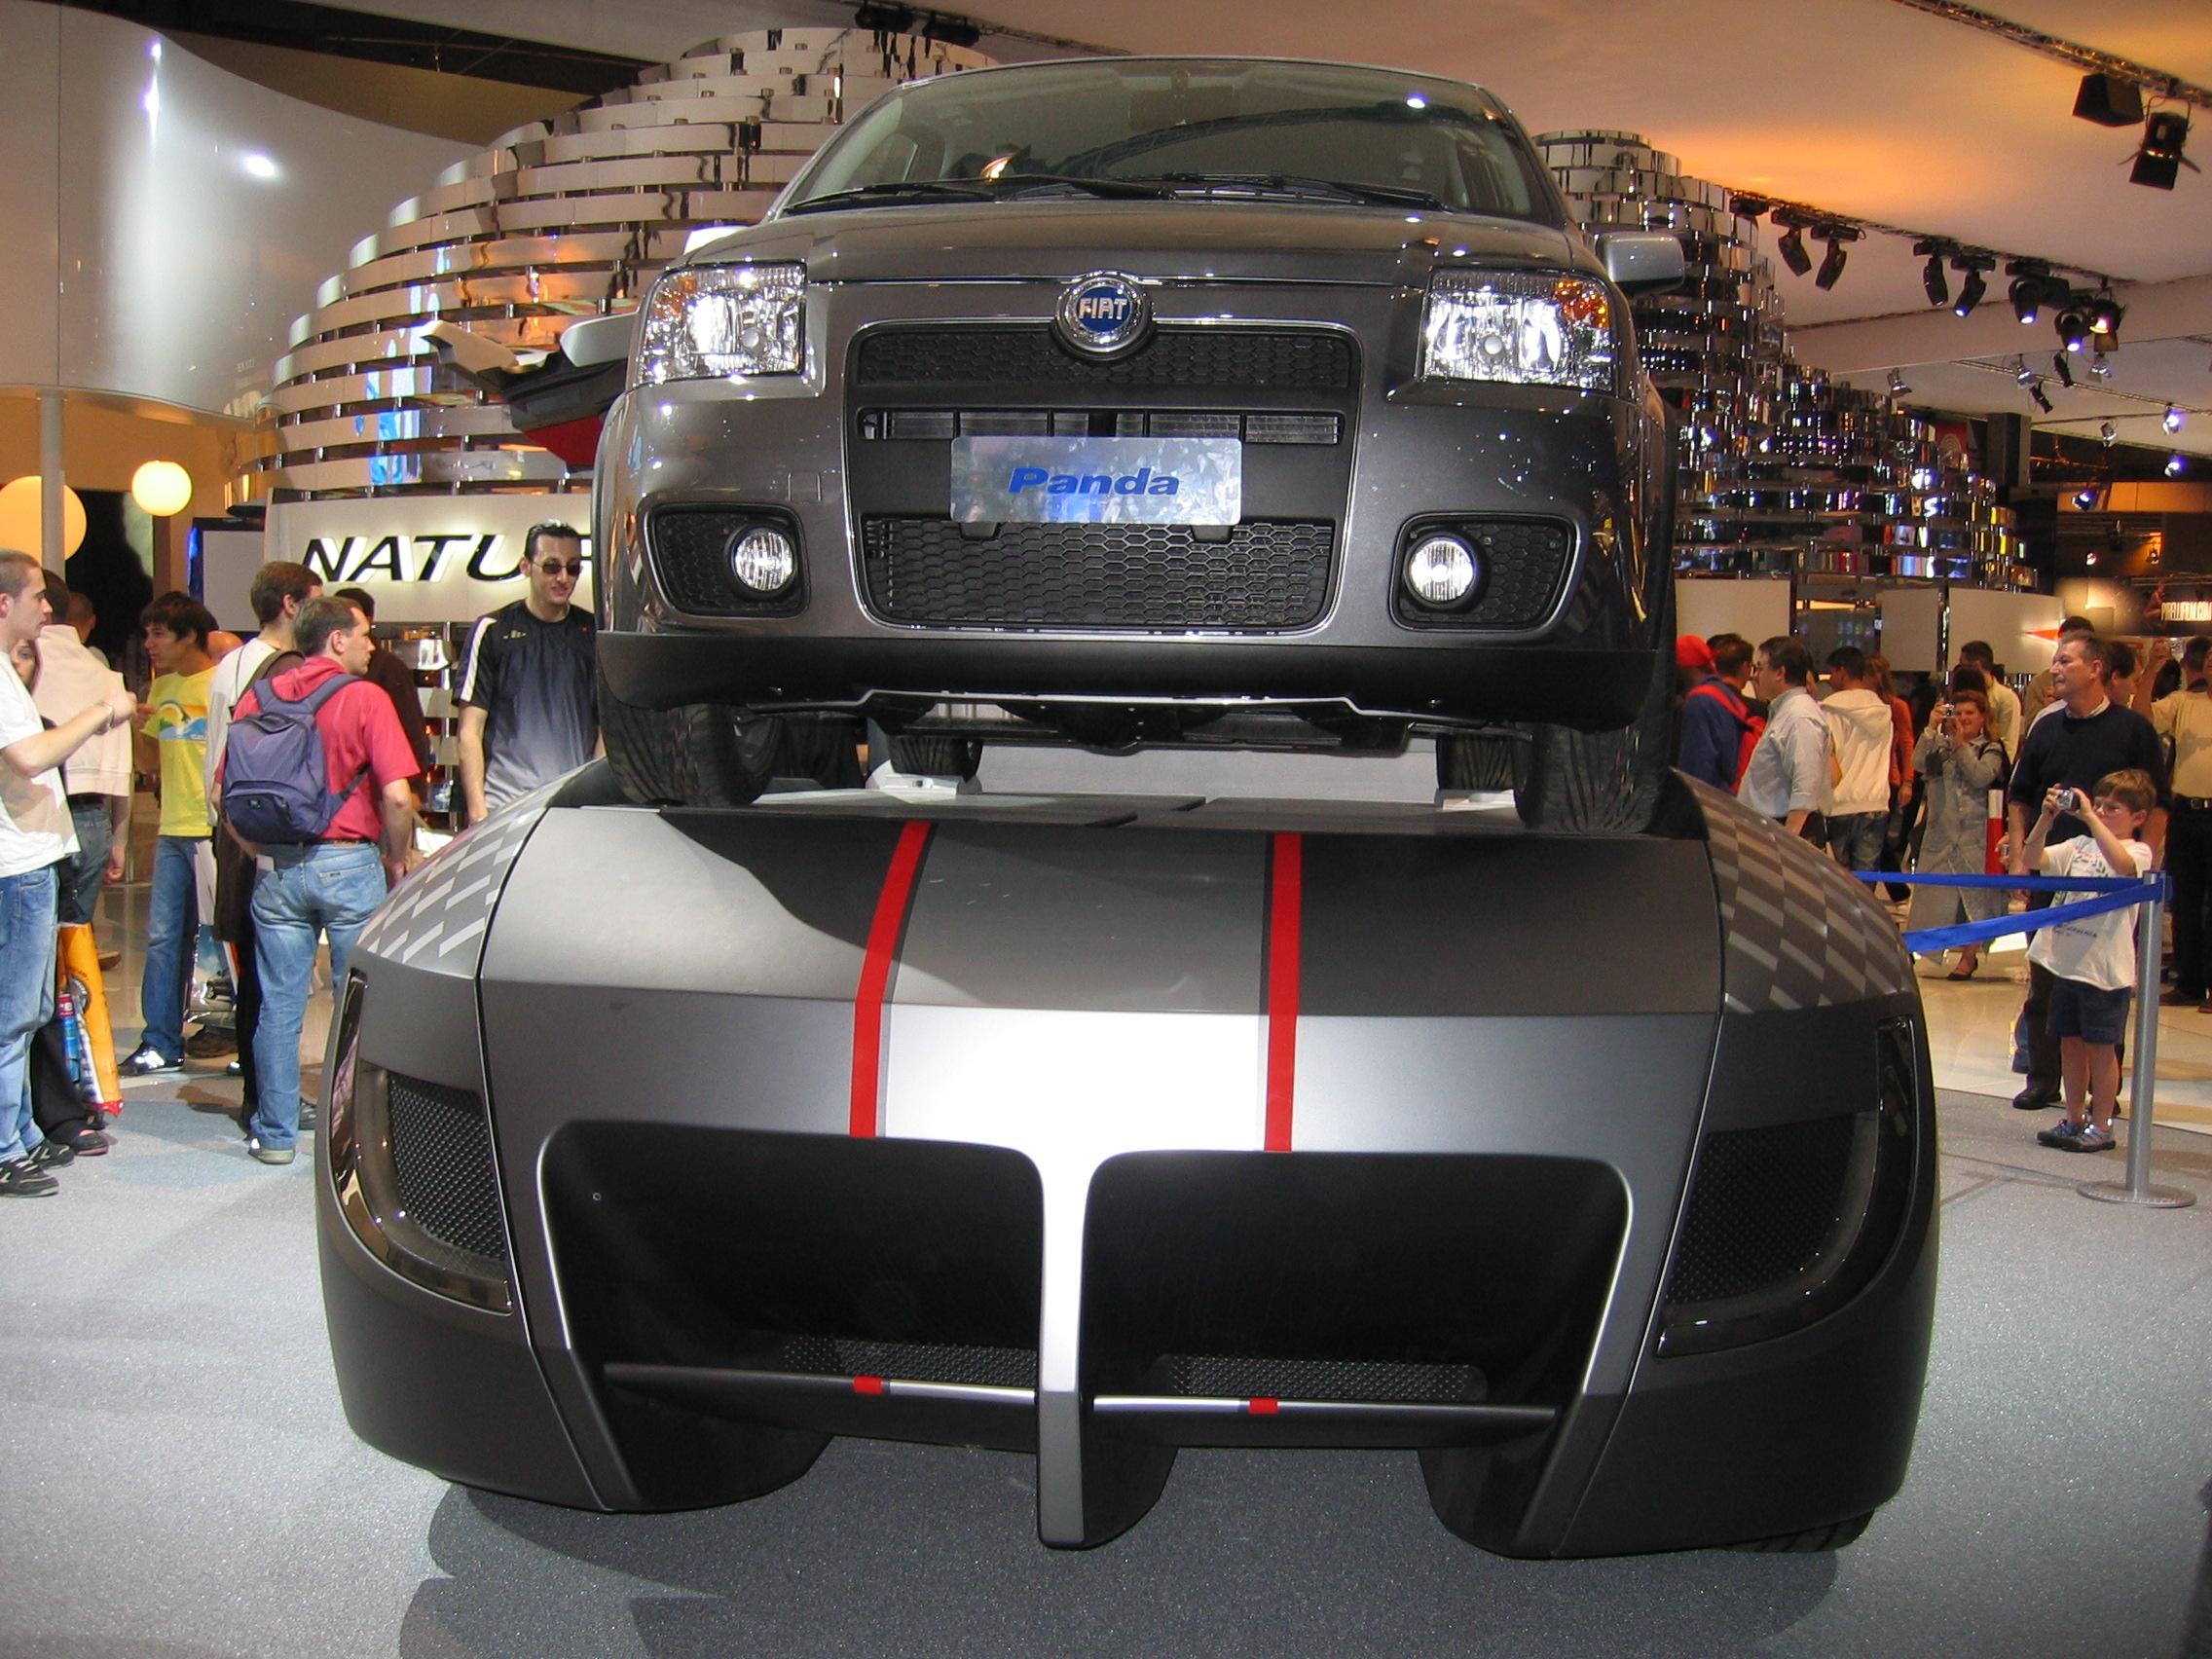 file fiat ducato truckster at the 2006 mondial de l 39 automobile in wikimedia commons. Black Bedroom Furniture Sets. Home Design Ideas